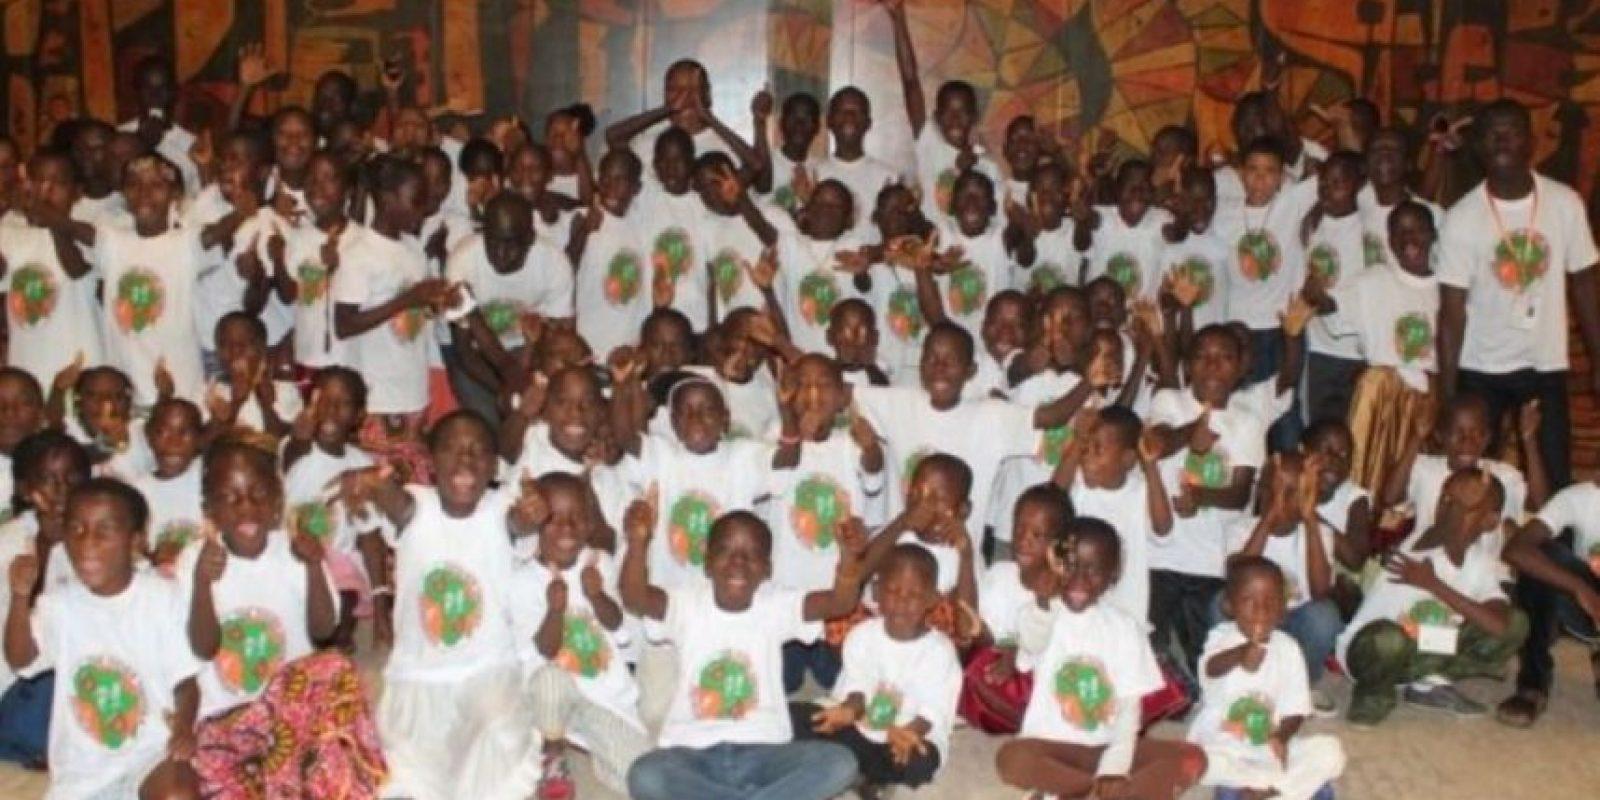 Didier apoya a la comunidad africana con alimentación, educación y salud. Foto:twitter.com/didierdrogba